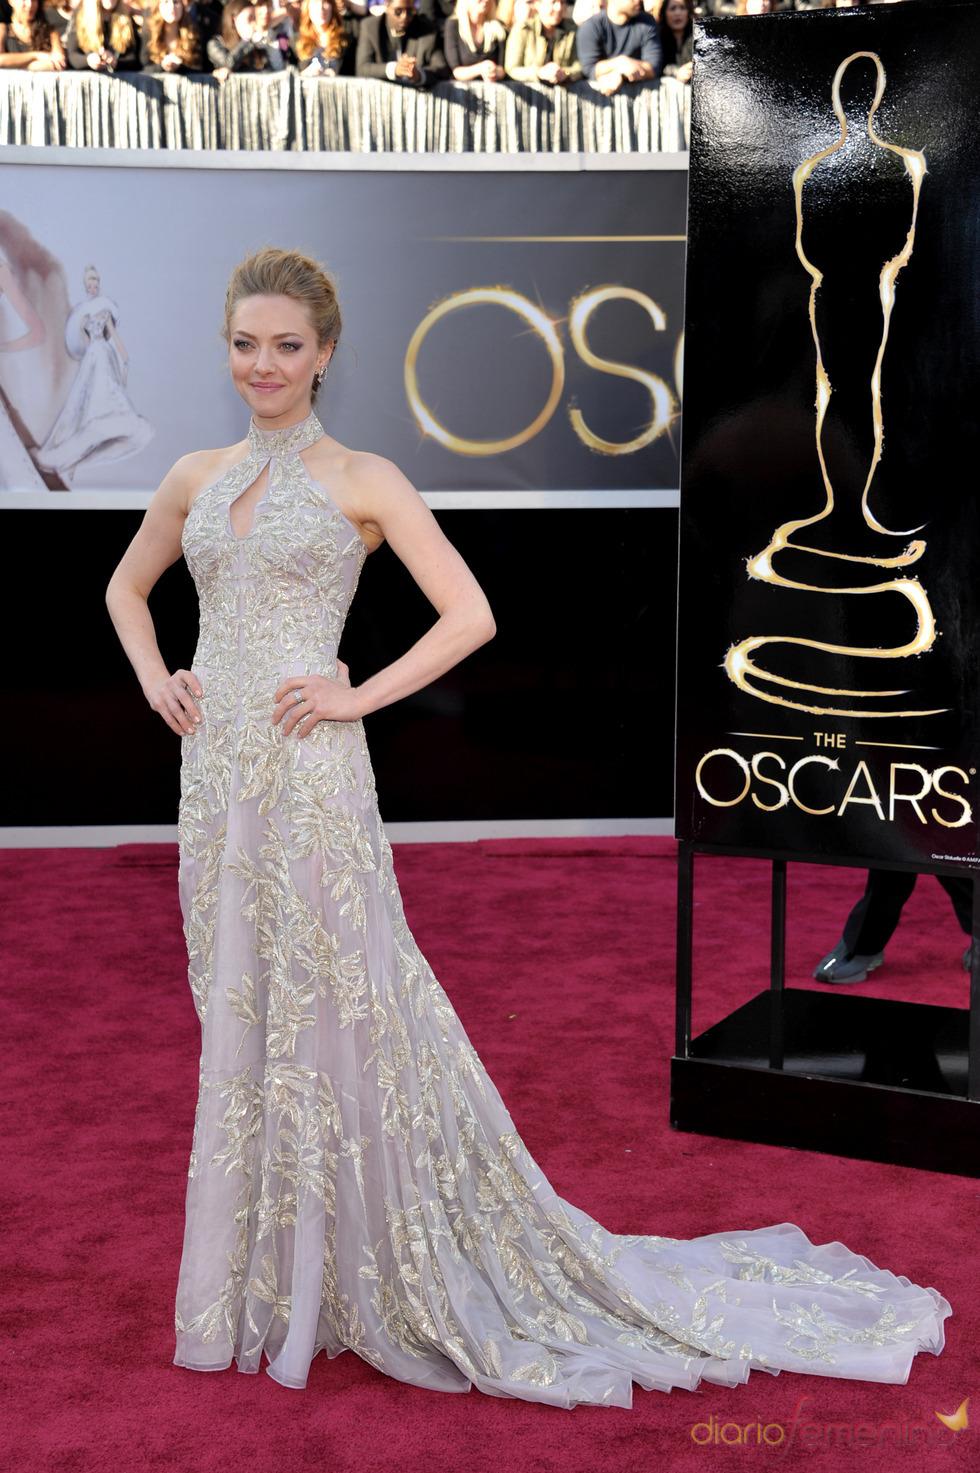 Amanda Seyfried en la alfombra roja de los Oscars 2013